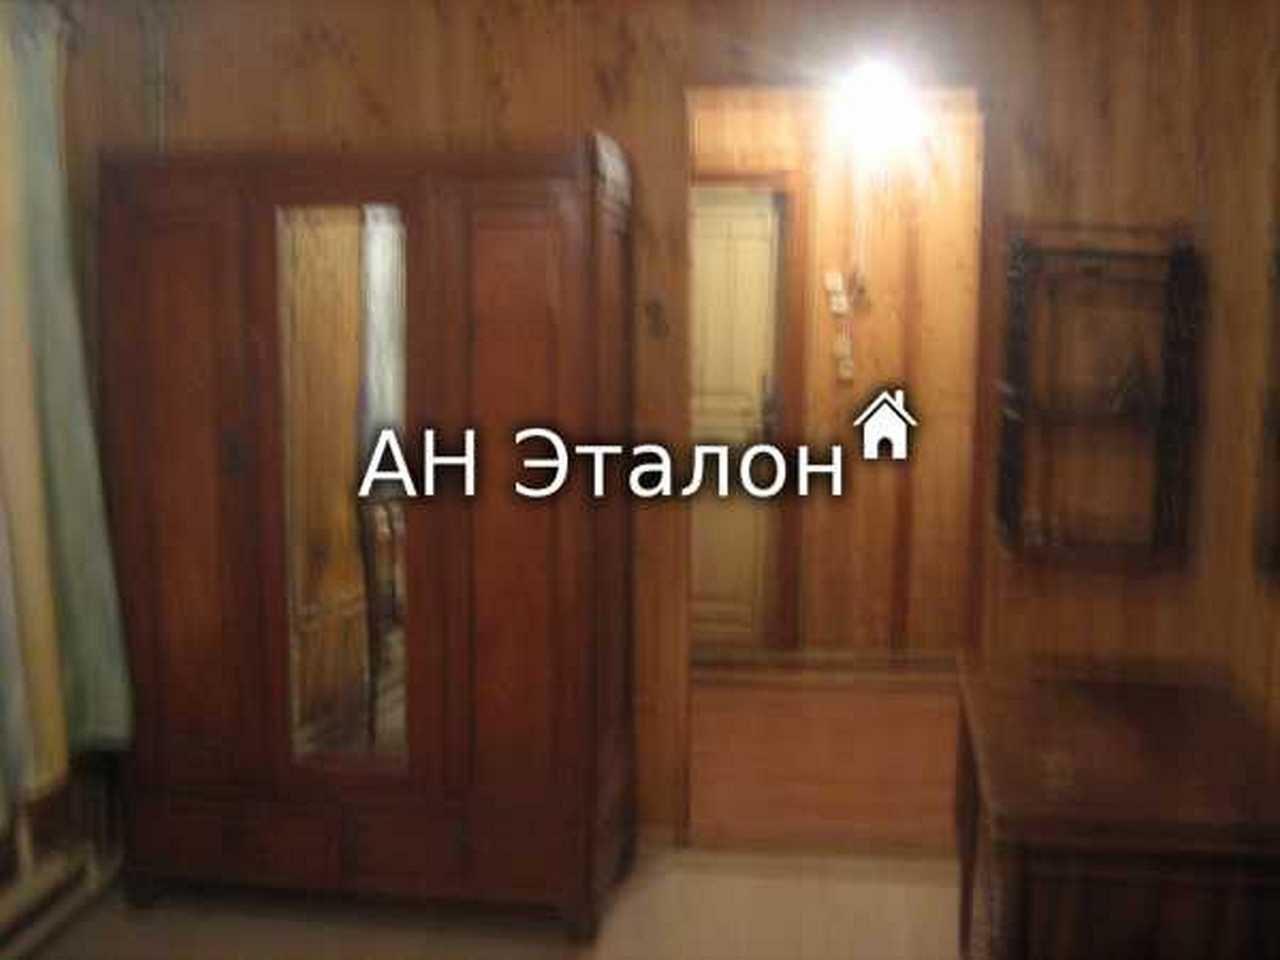 Аренда дома Московская область, Химки, мкр. Фирсановка, ул. Мцыри, 6, фото 1